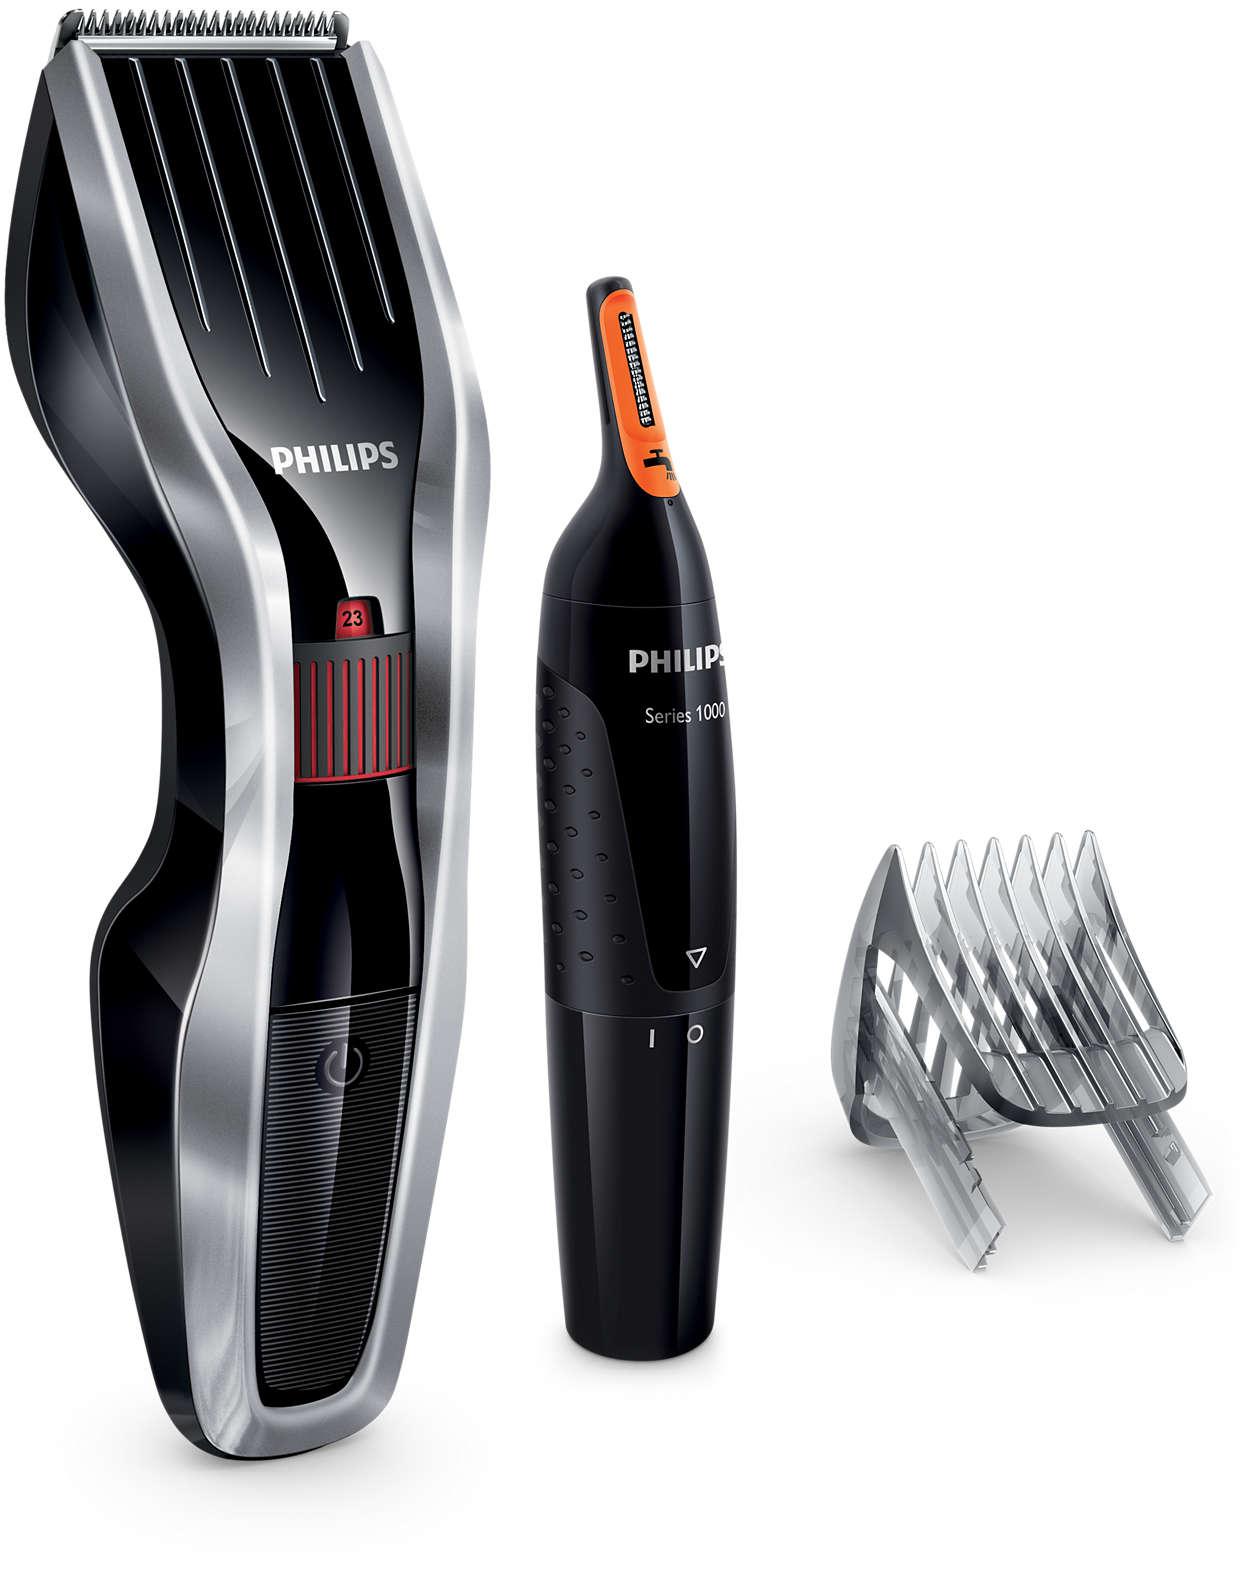 Tondeuse à cheveux série5000: coupe deux fois plus vite*